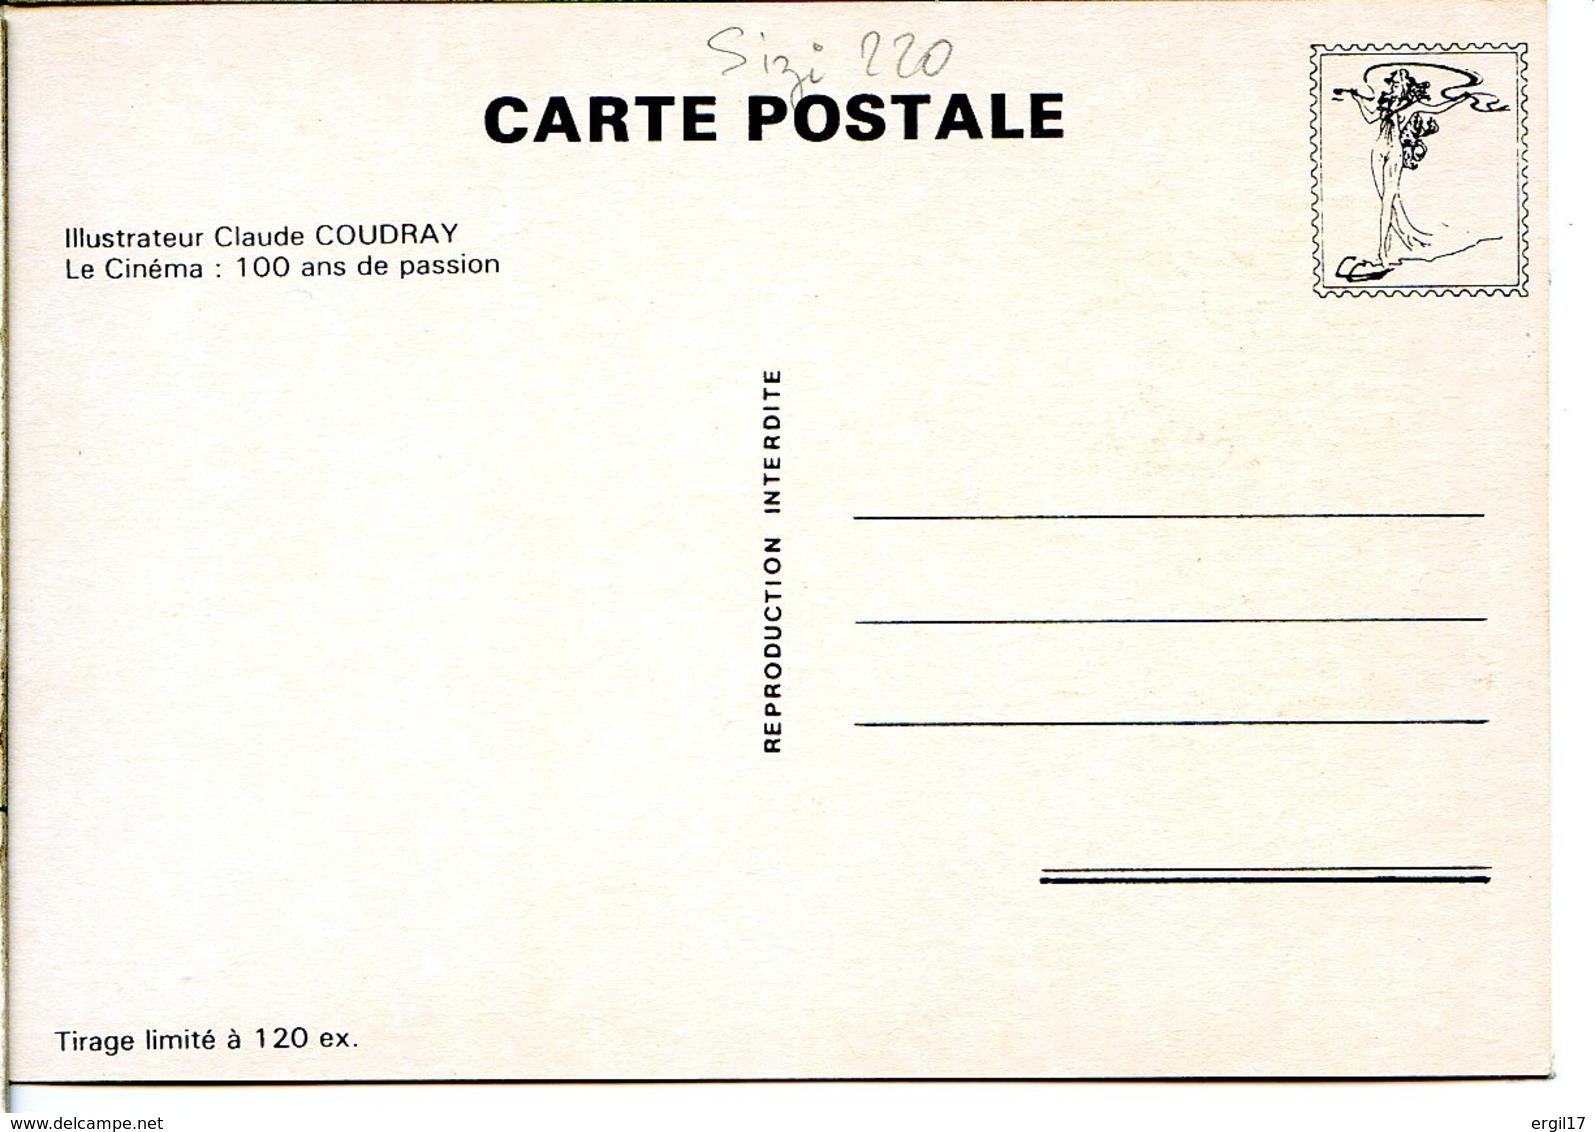 Escargot - Illustration Claude Coudray - Le Cinéma : 100 Ans De Passion - Tirée à 120 Ex - Autres Illustrateurs